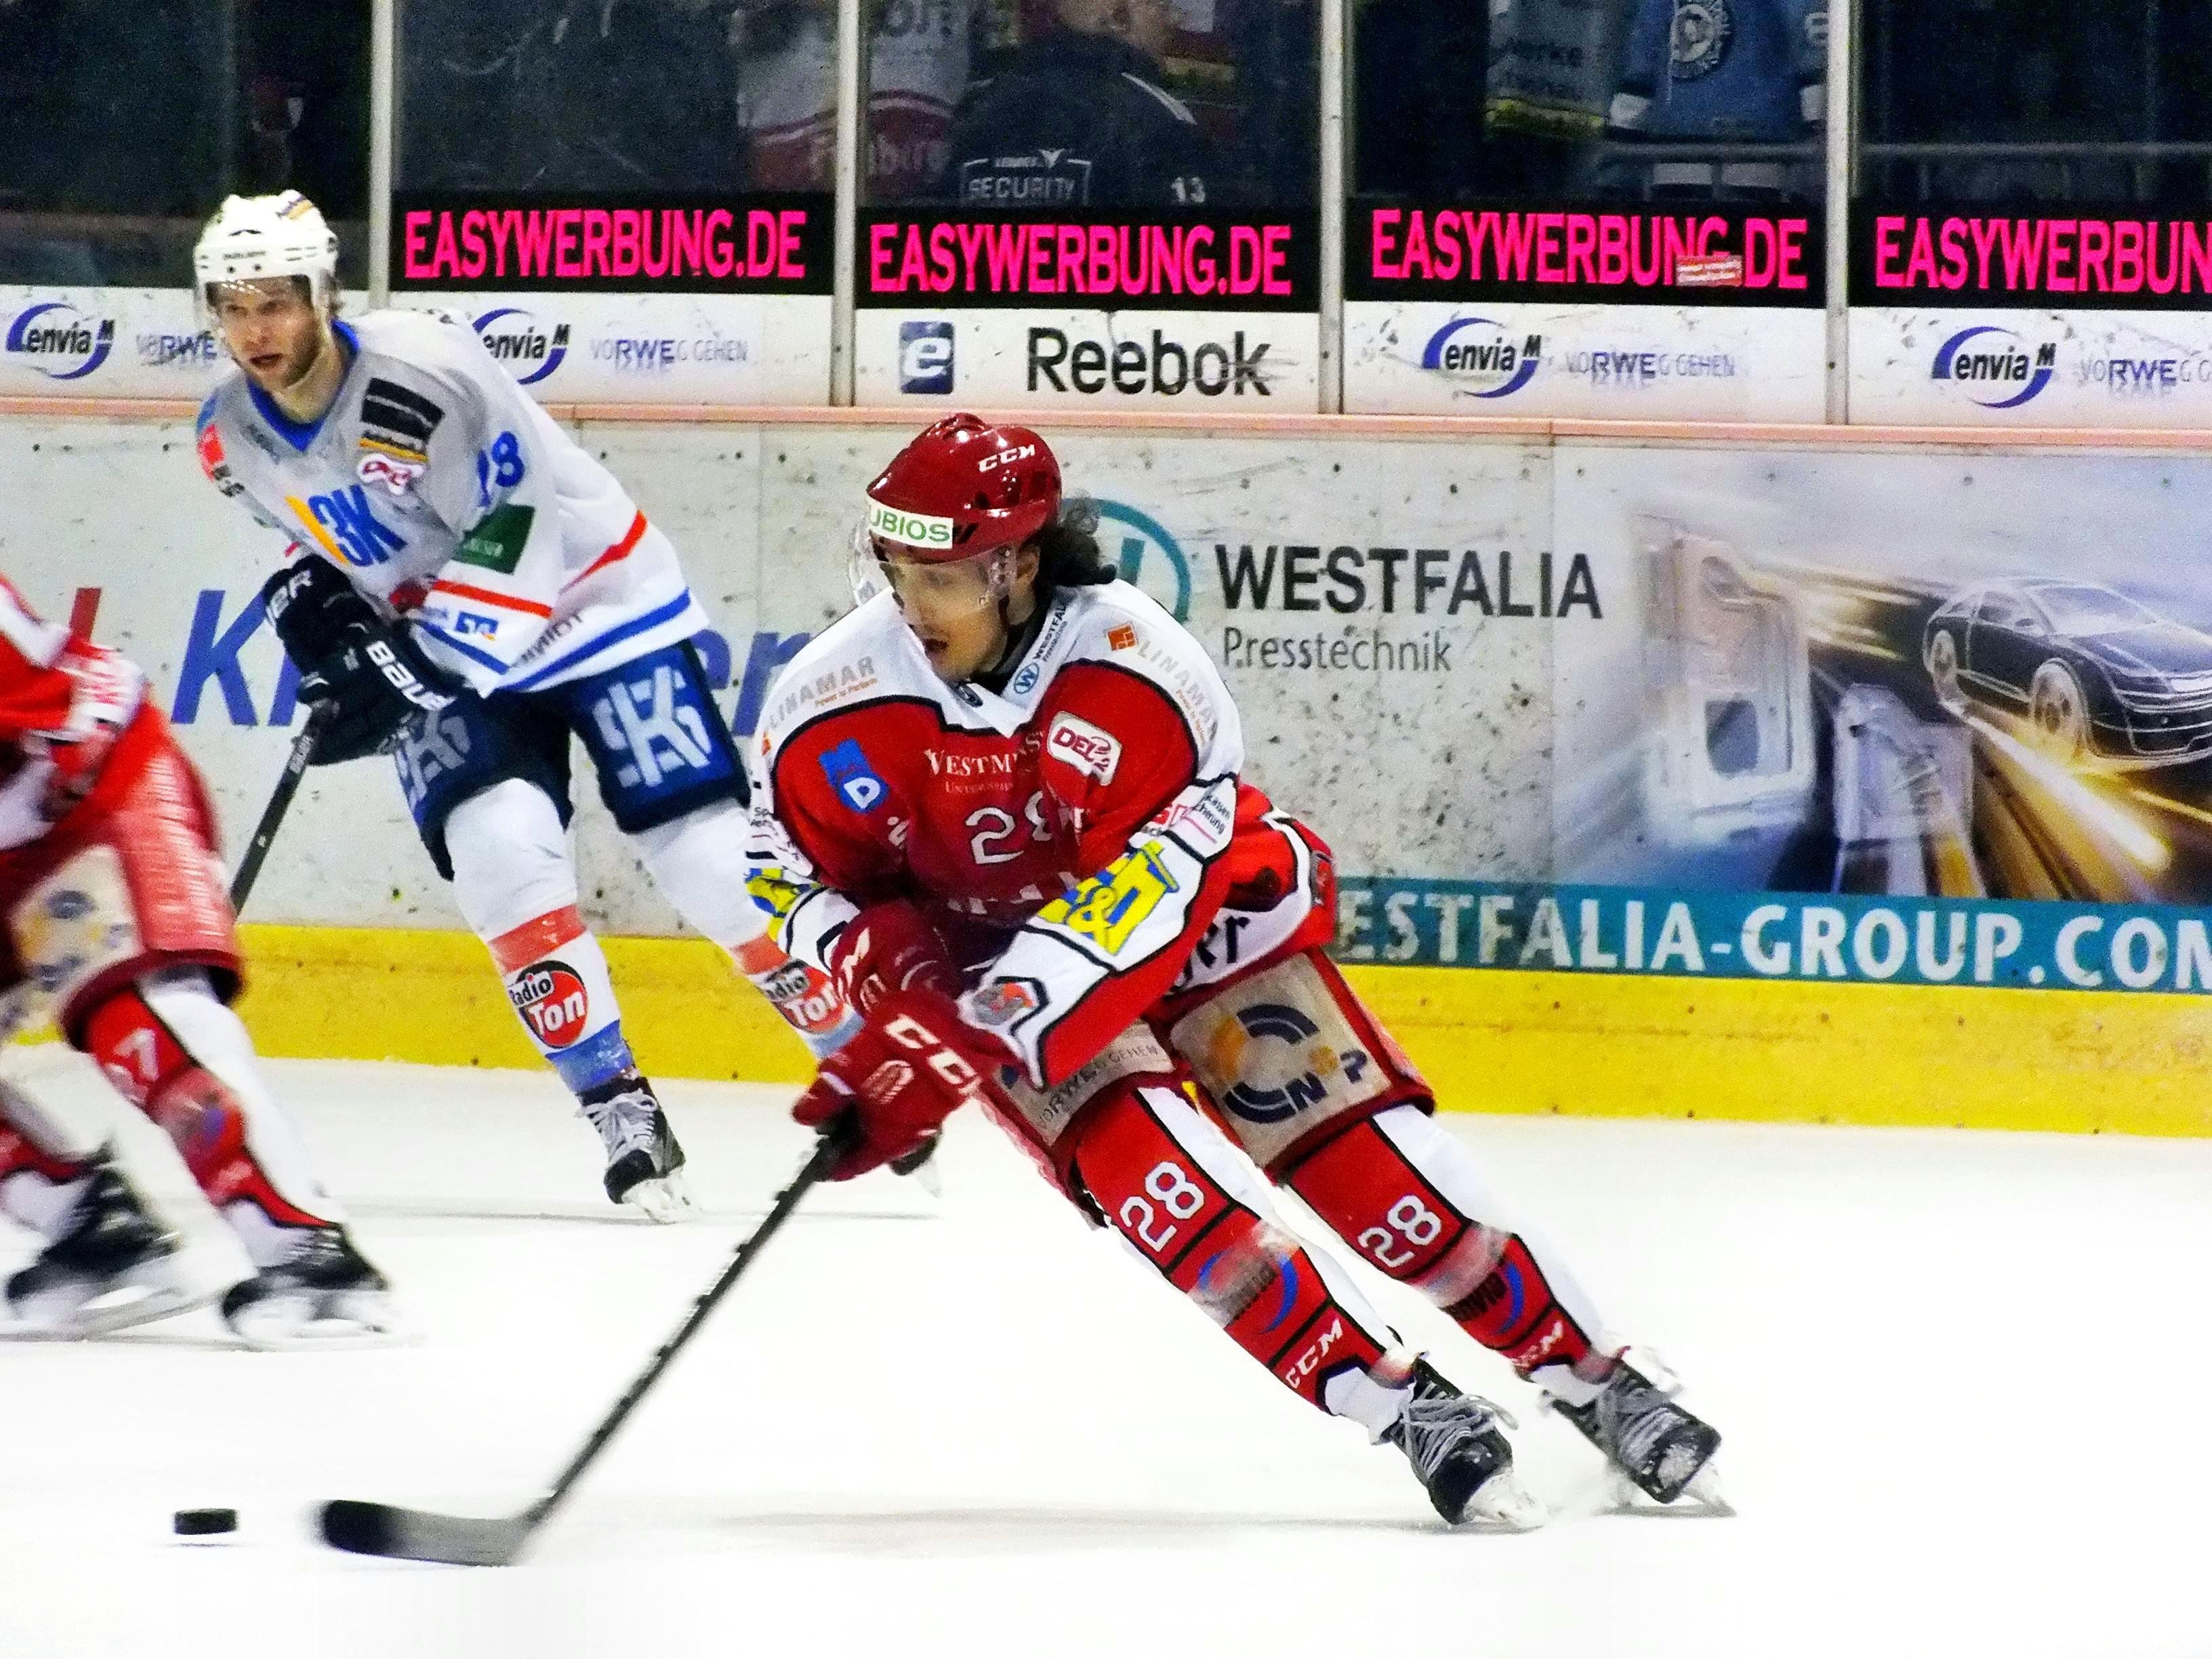 Patrick Pohl 2